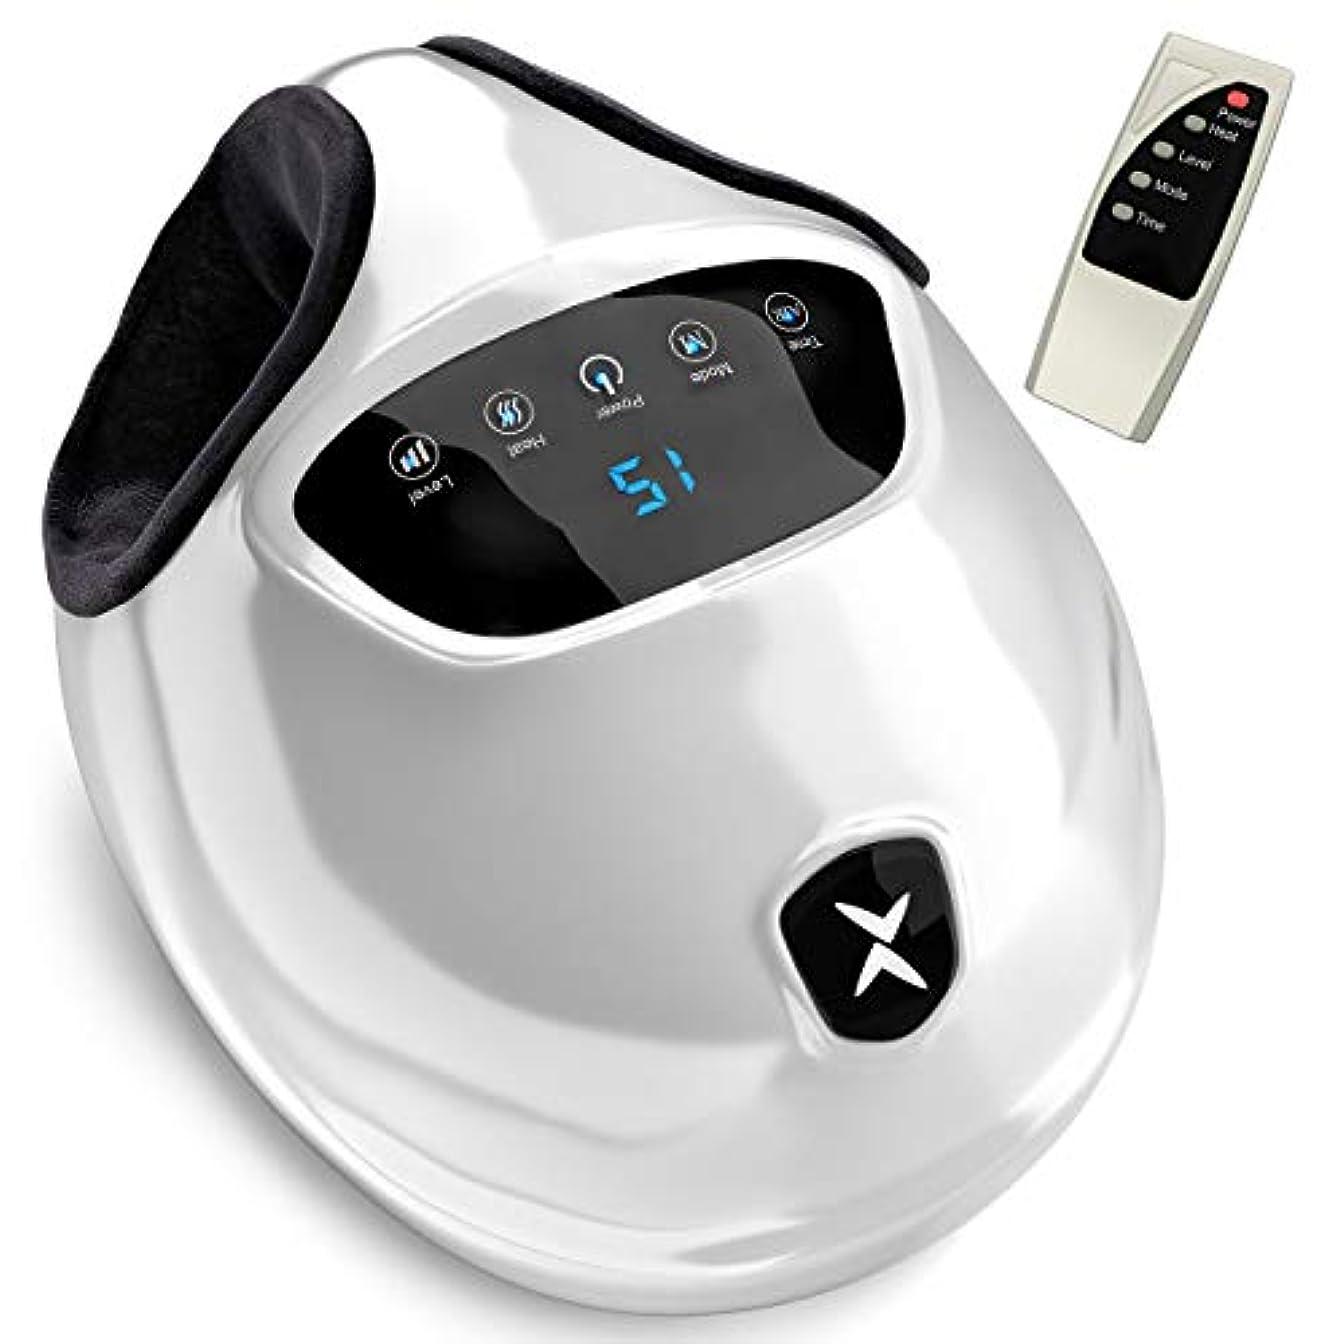 塊スポーツ九時四十五分[Realax ][Realax Shiatsu Foot Massager with Heat - Electric Feet Massager Machine with Deep Kneading Massage and...